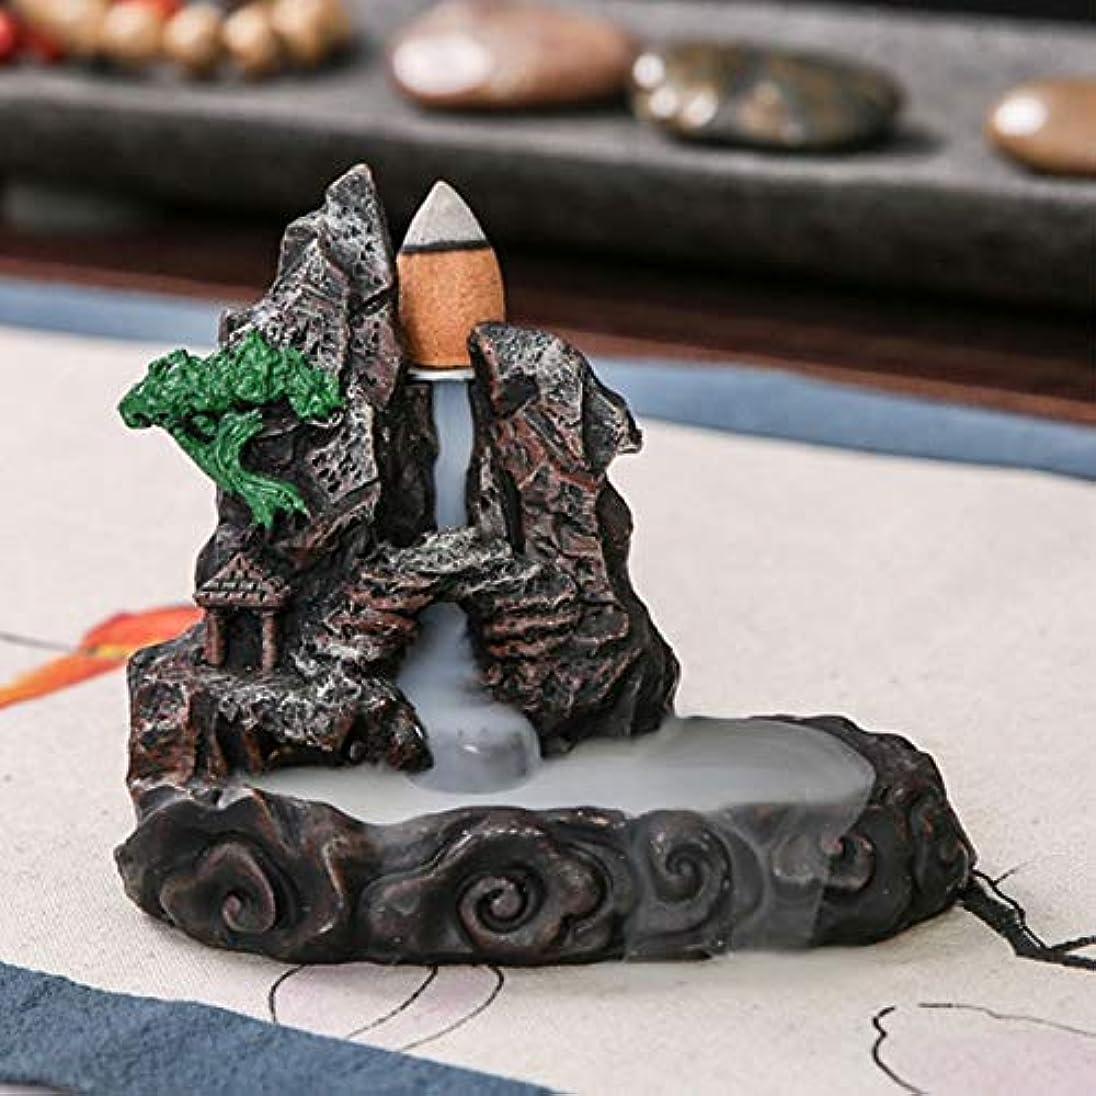 ストライプ半導体罪悪感お香炉 流れるようなセラミック製煙山デザイン 香炉 香炉 タワーホルダー ホームインテリア ブラック 733153361444